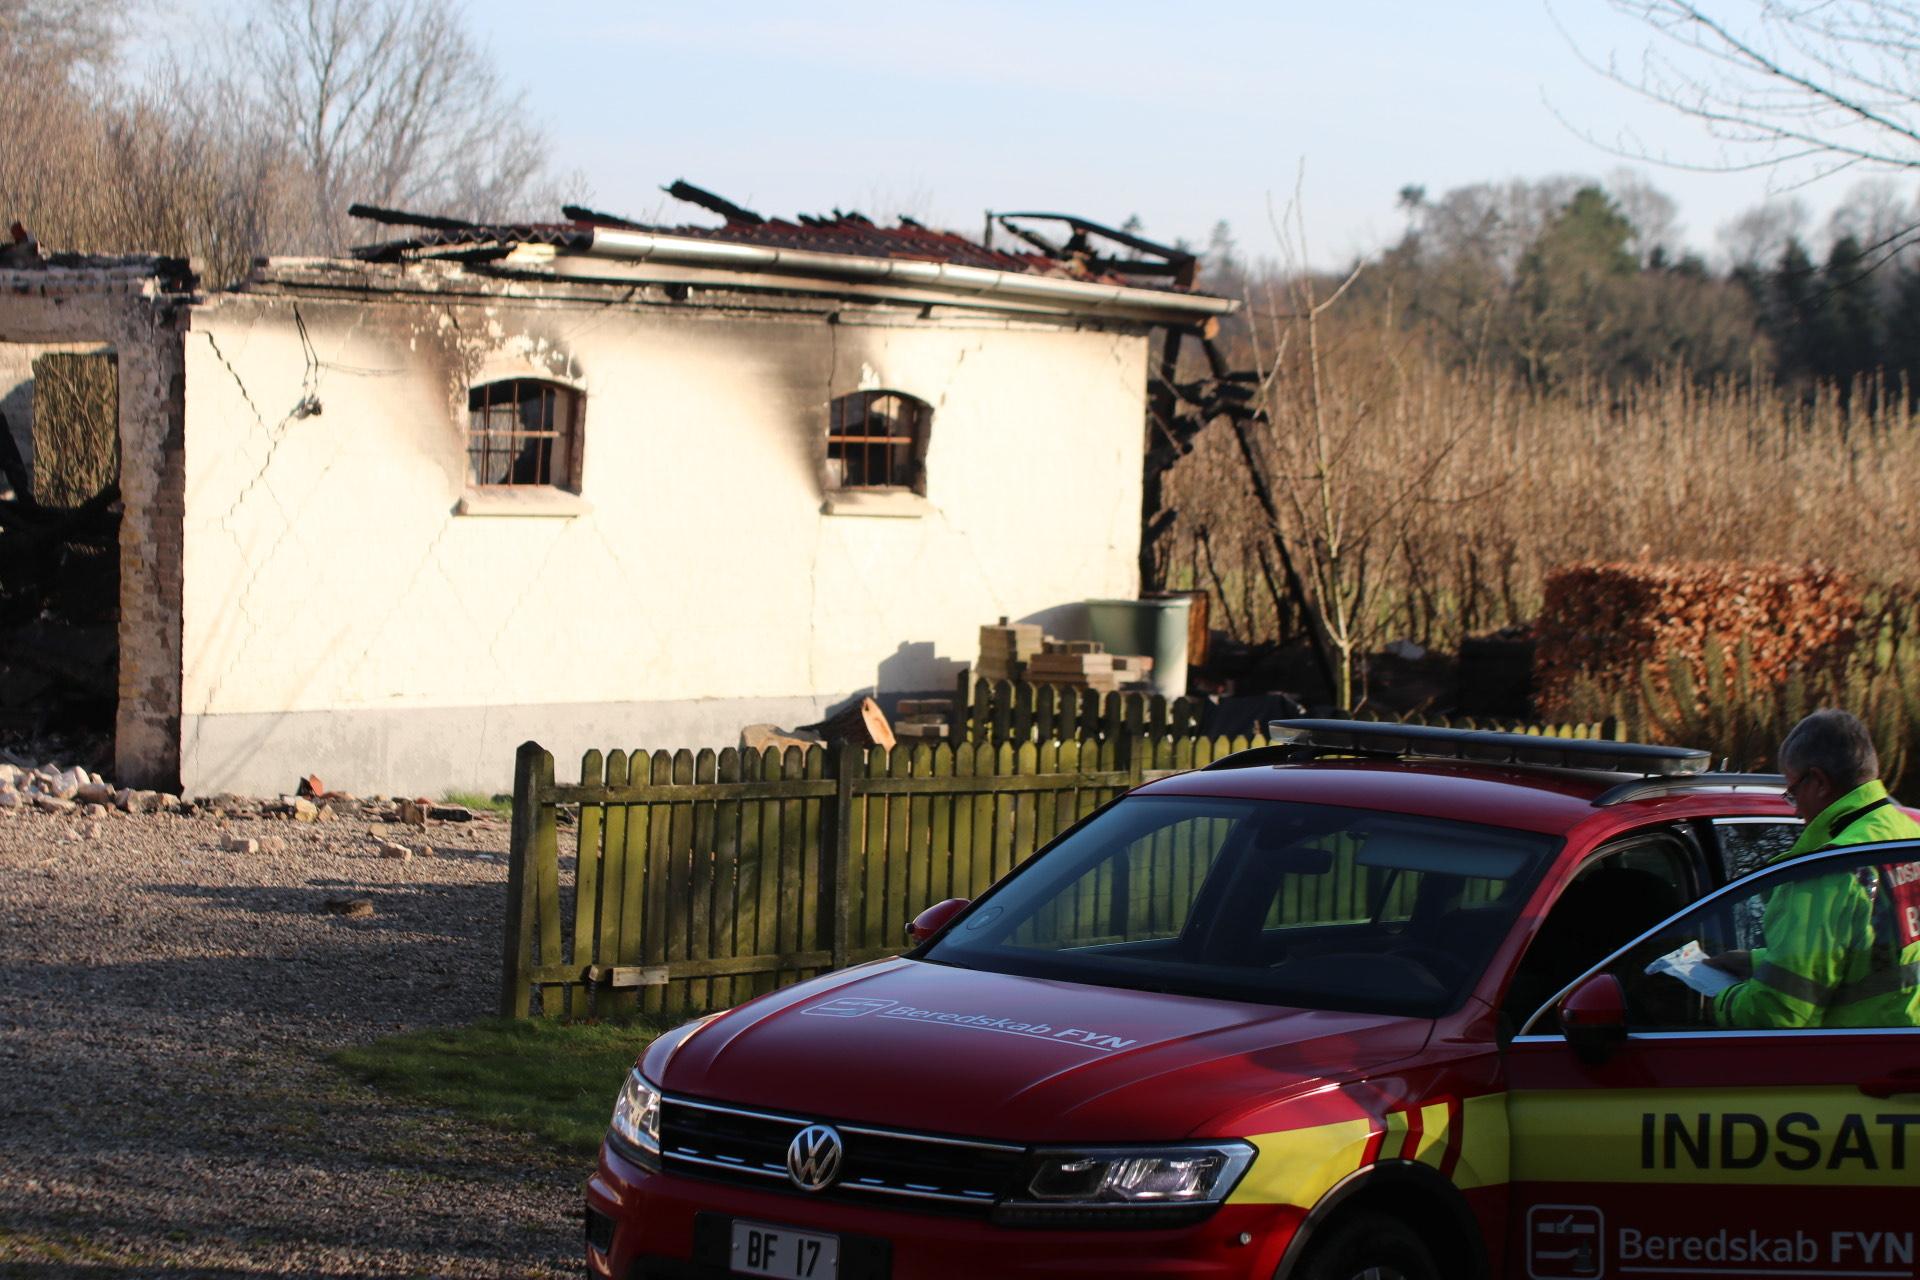 Efterslukning af gårdbrand i Assens